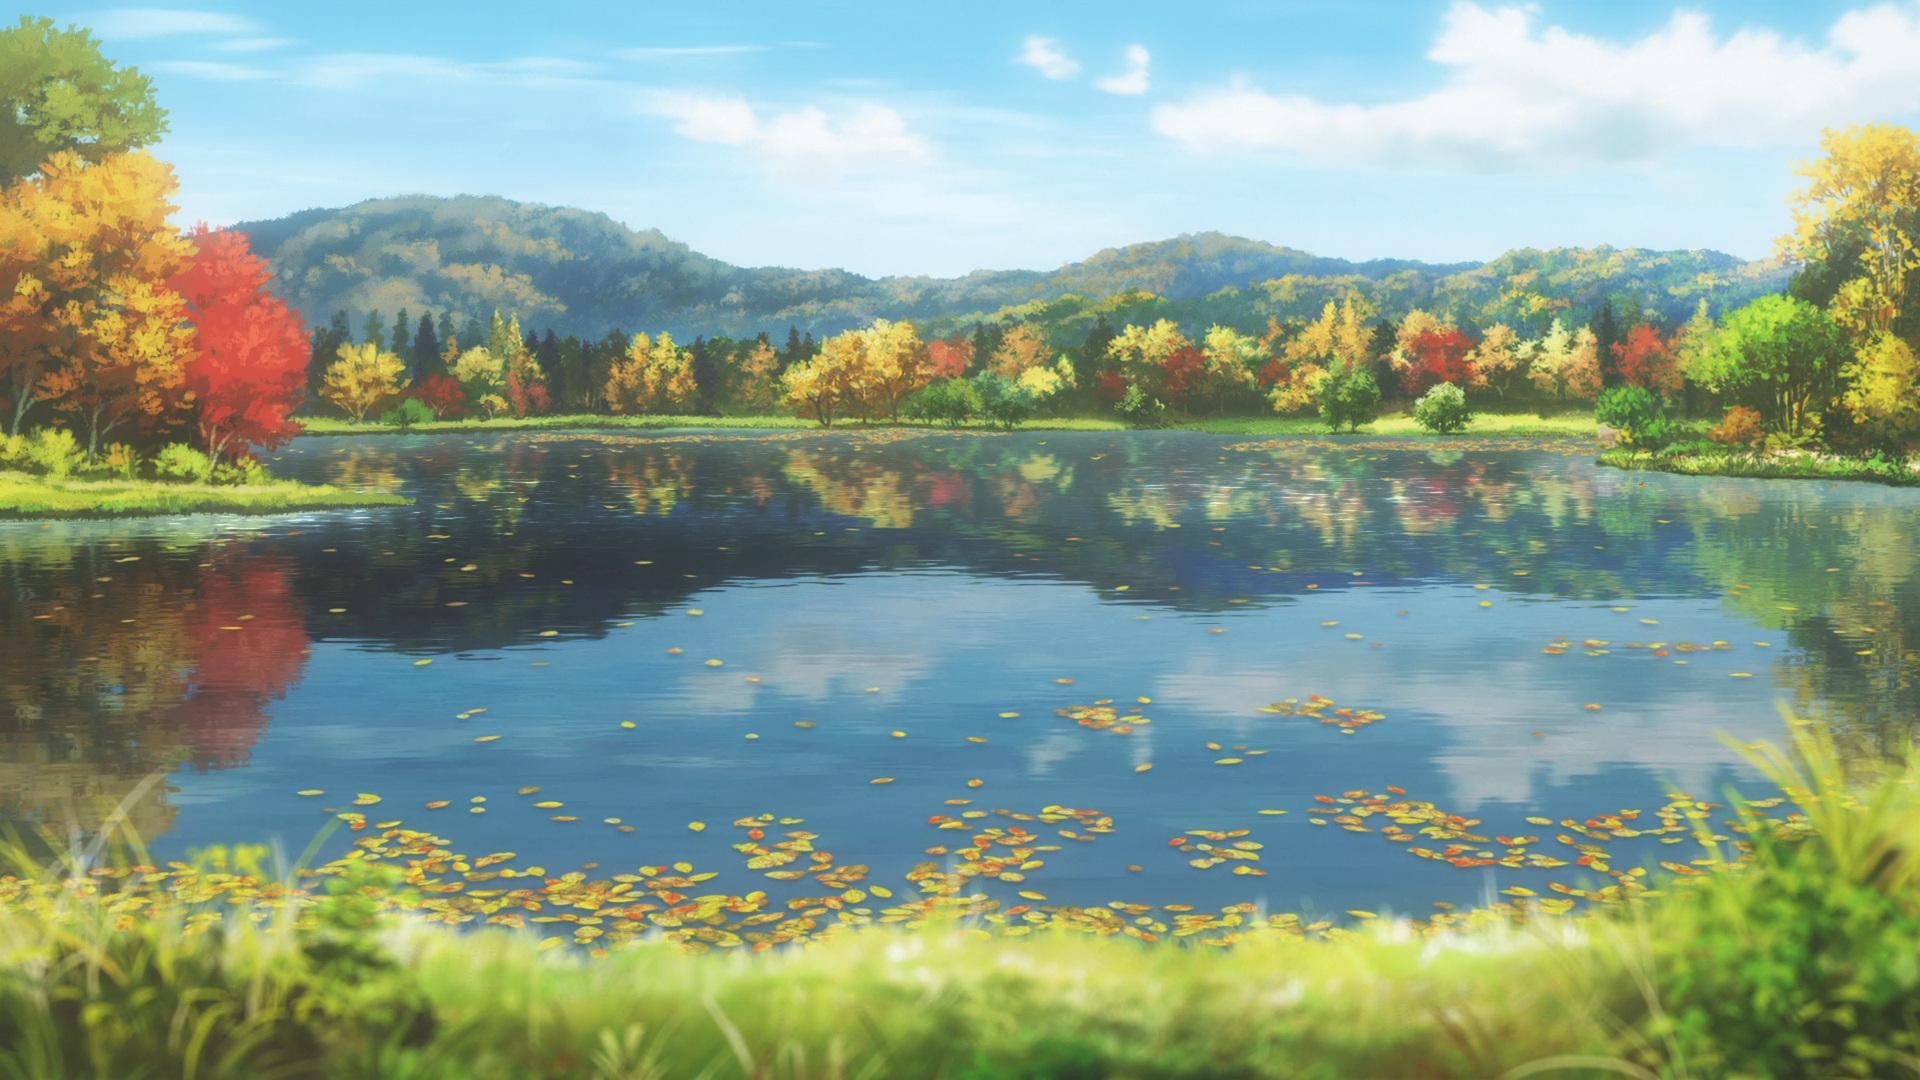 Wedding Girl Wallpaper Violet Evergarden T V Media Review Episode 7 Anime Solution